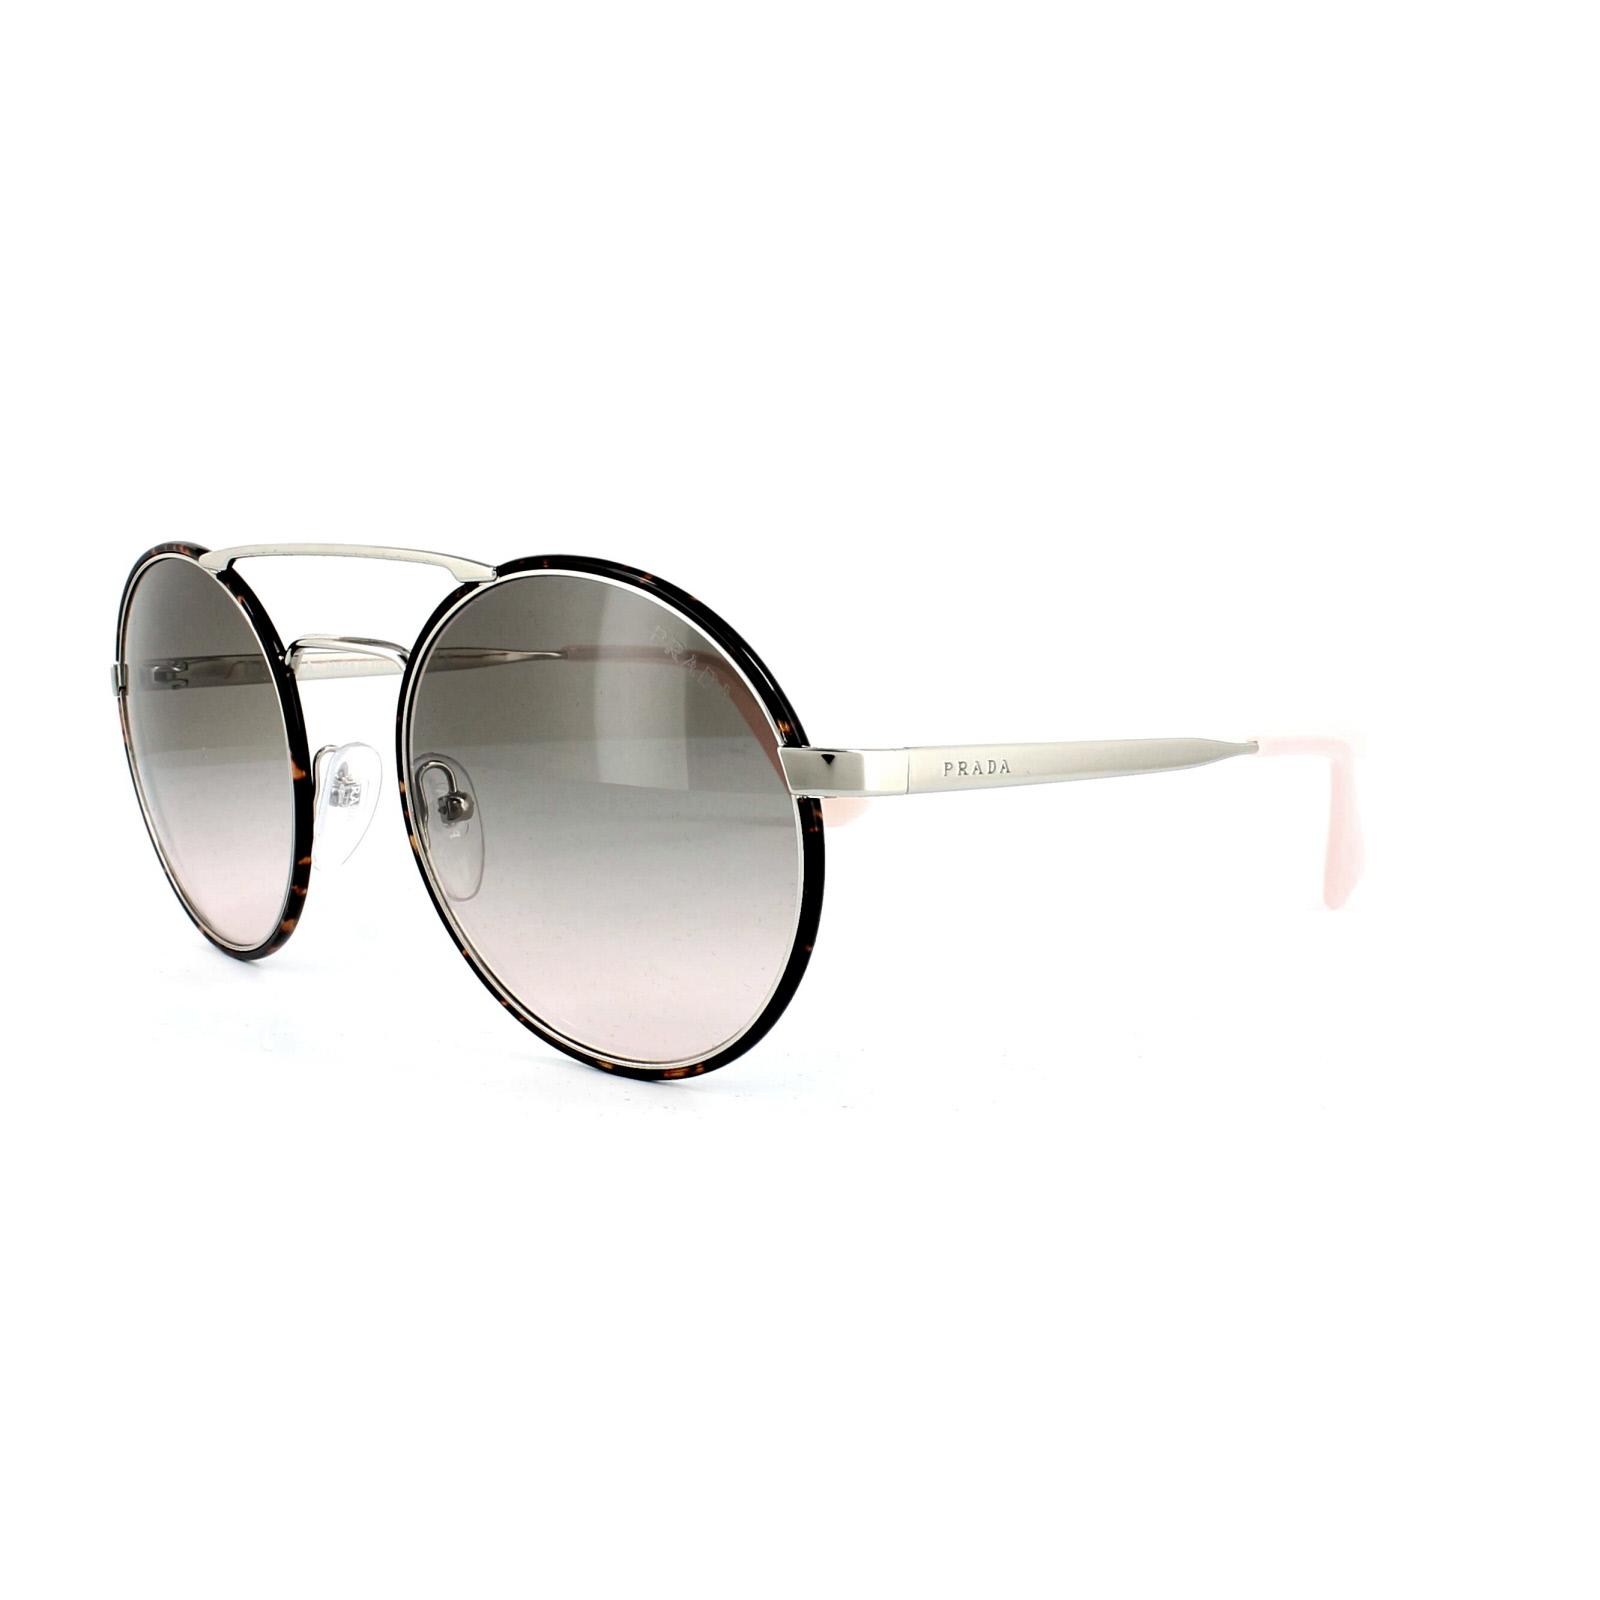 53896ef4 Prada 51SS Cinema Sunglasses